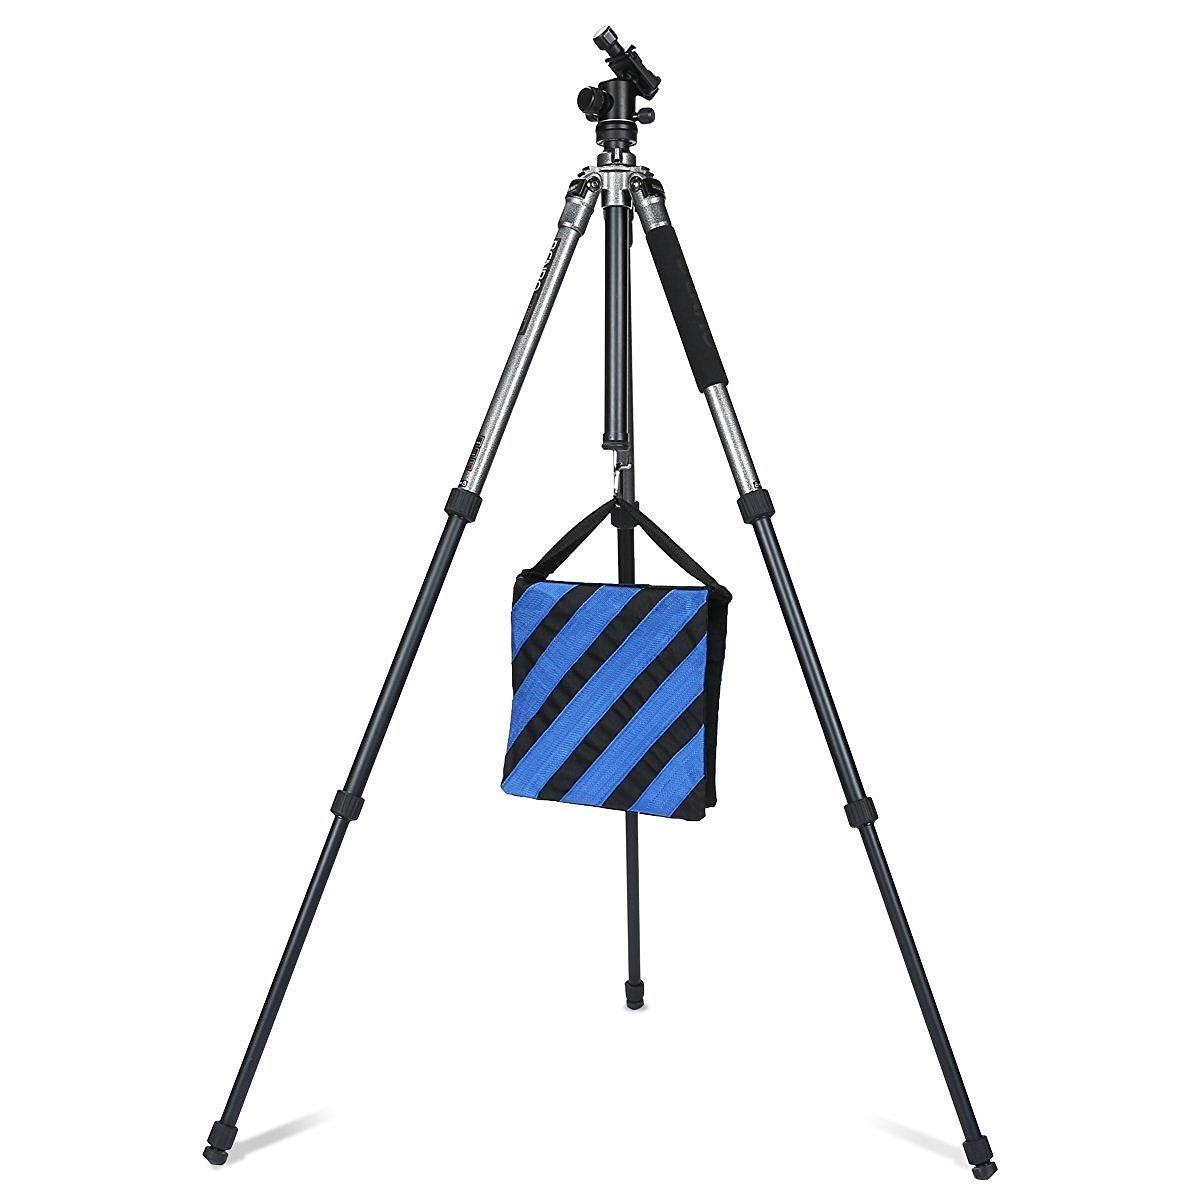 4 Pack // Set CAM-ULATA Heavy Duty Fotografica Sandbag Studio Video Sacco di Sabbia per la Fotografia Film Foto Video Studio Luce di Scena Supporti Boom Stand Tripod Blu Sandbag